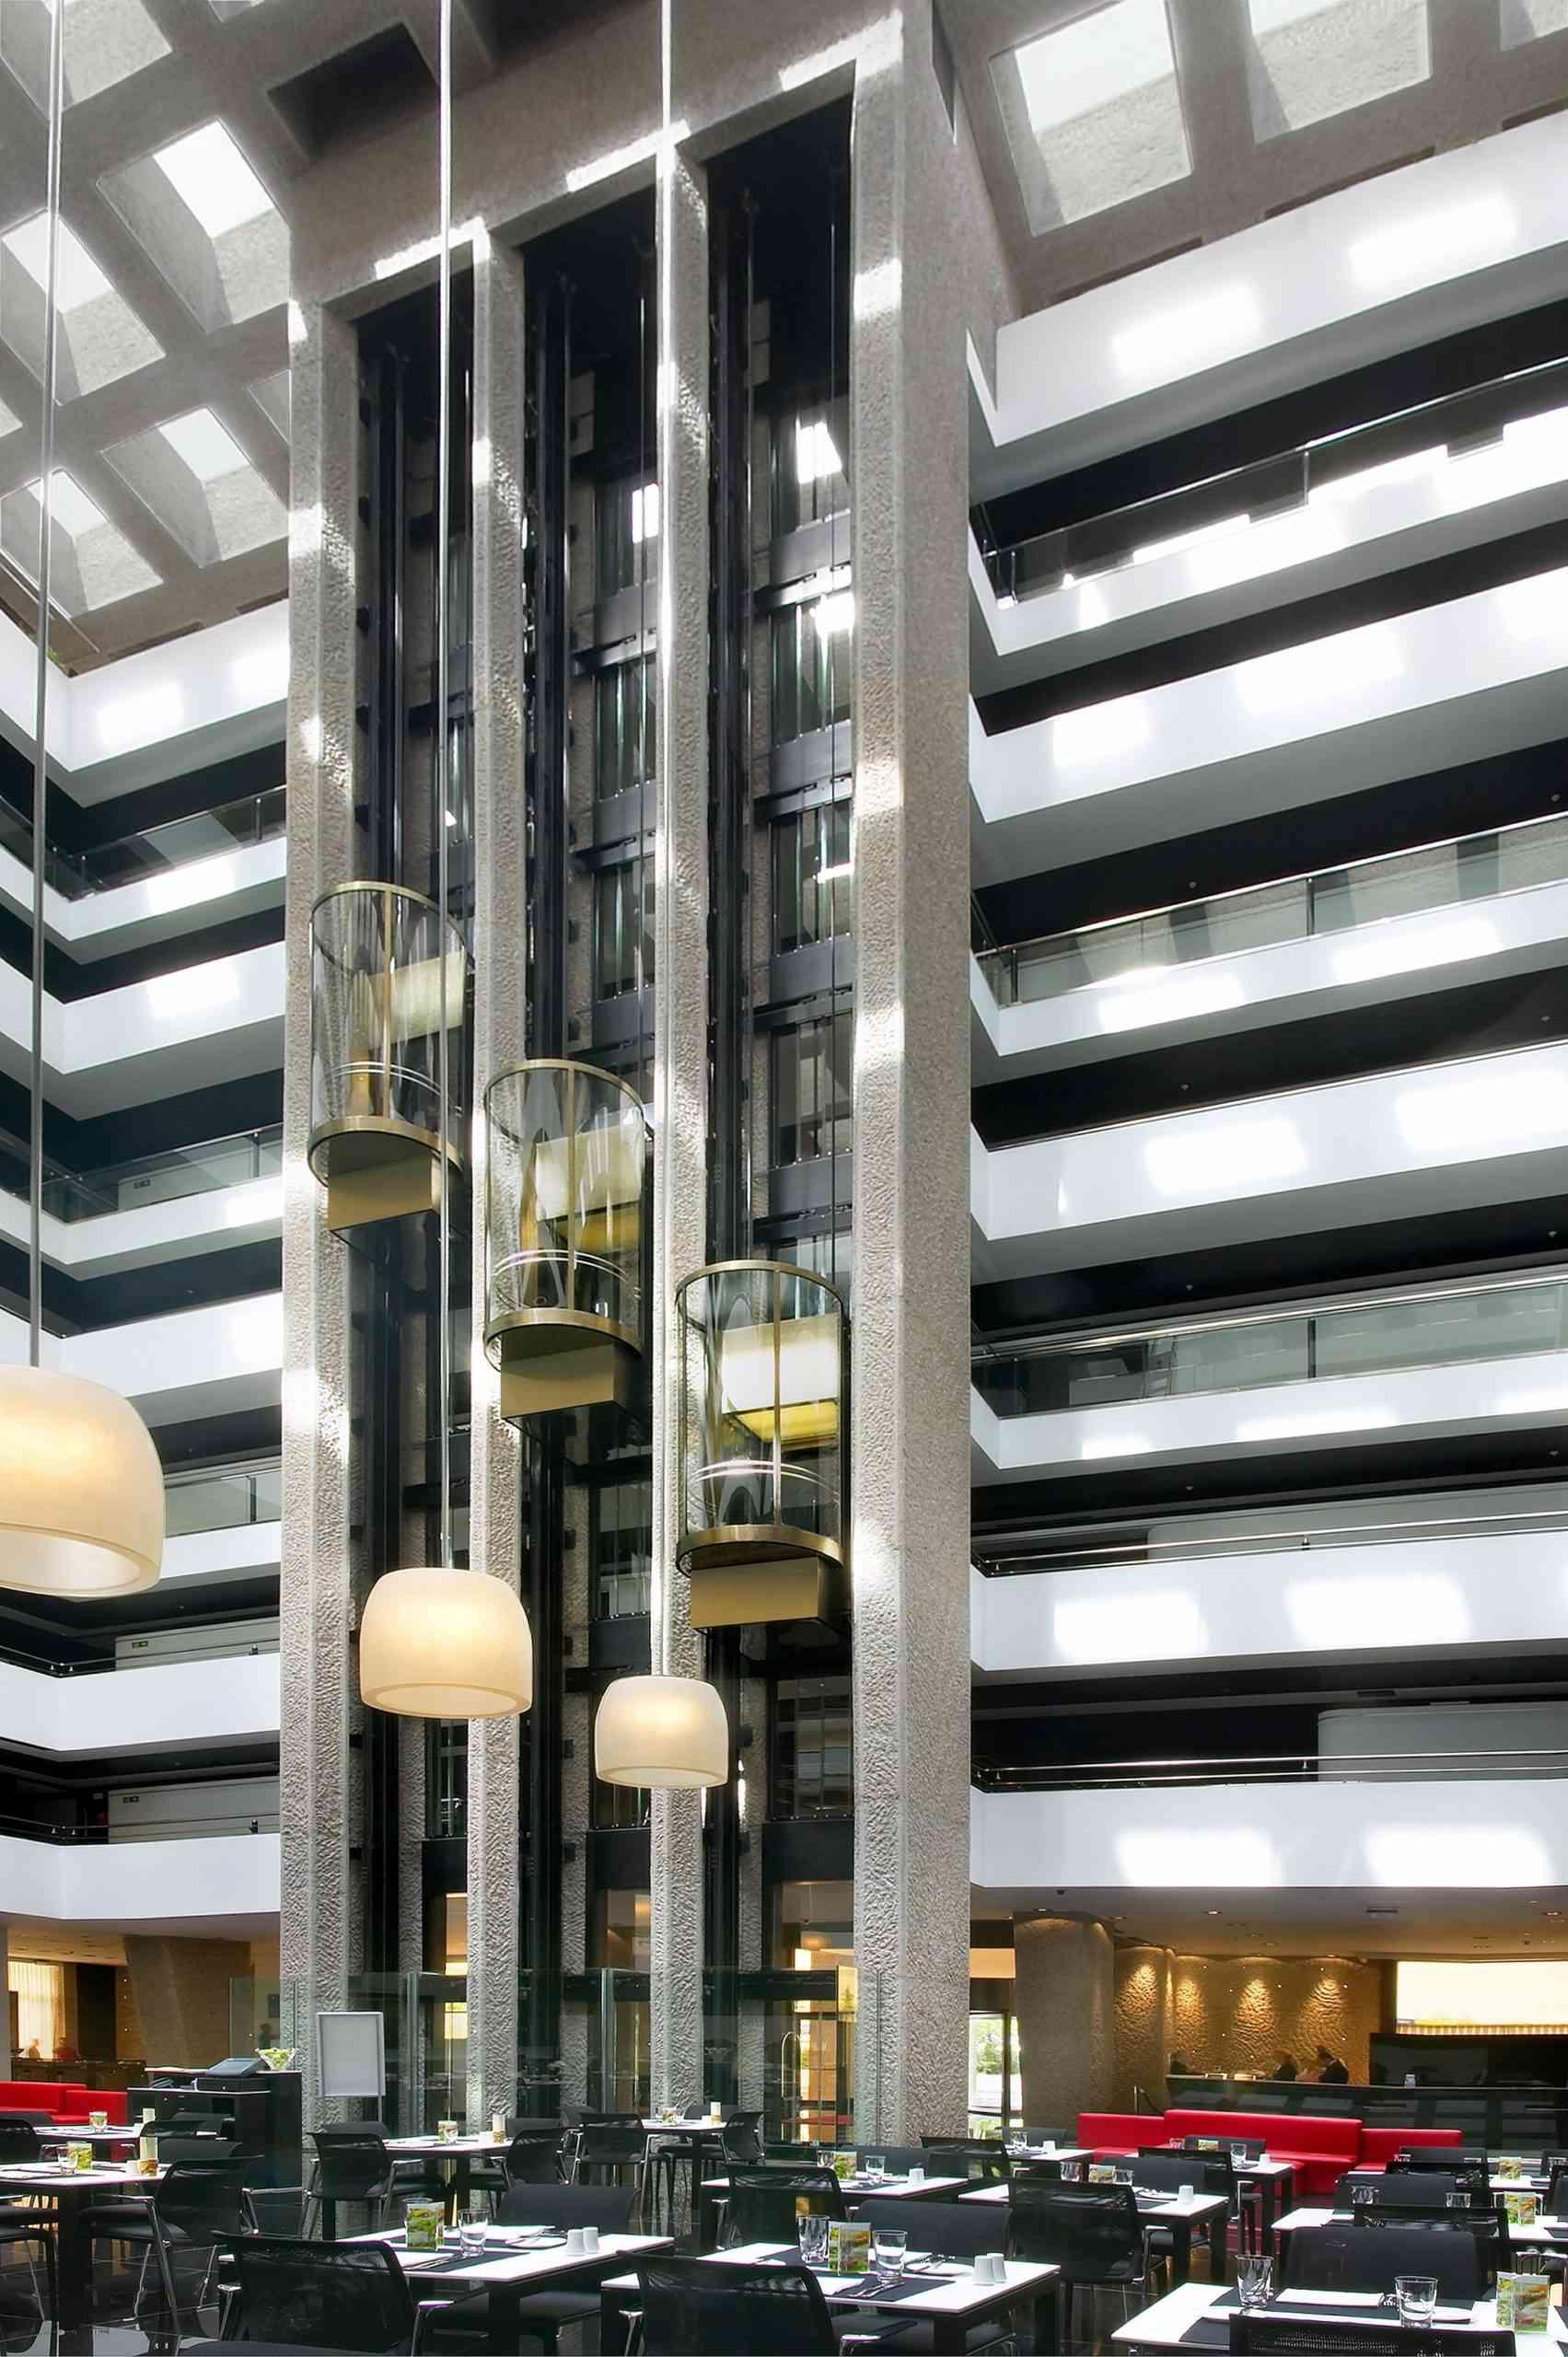 Hotel-Hilton-scaled